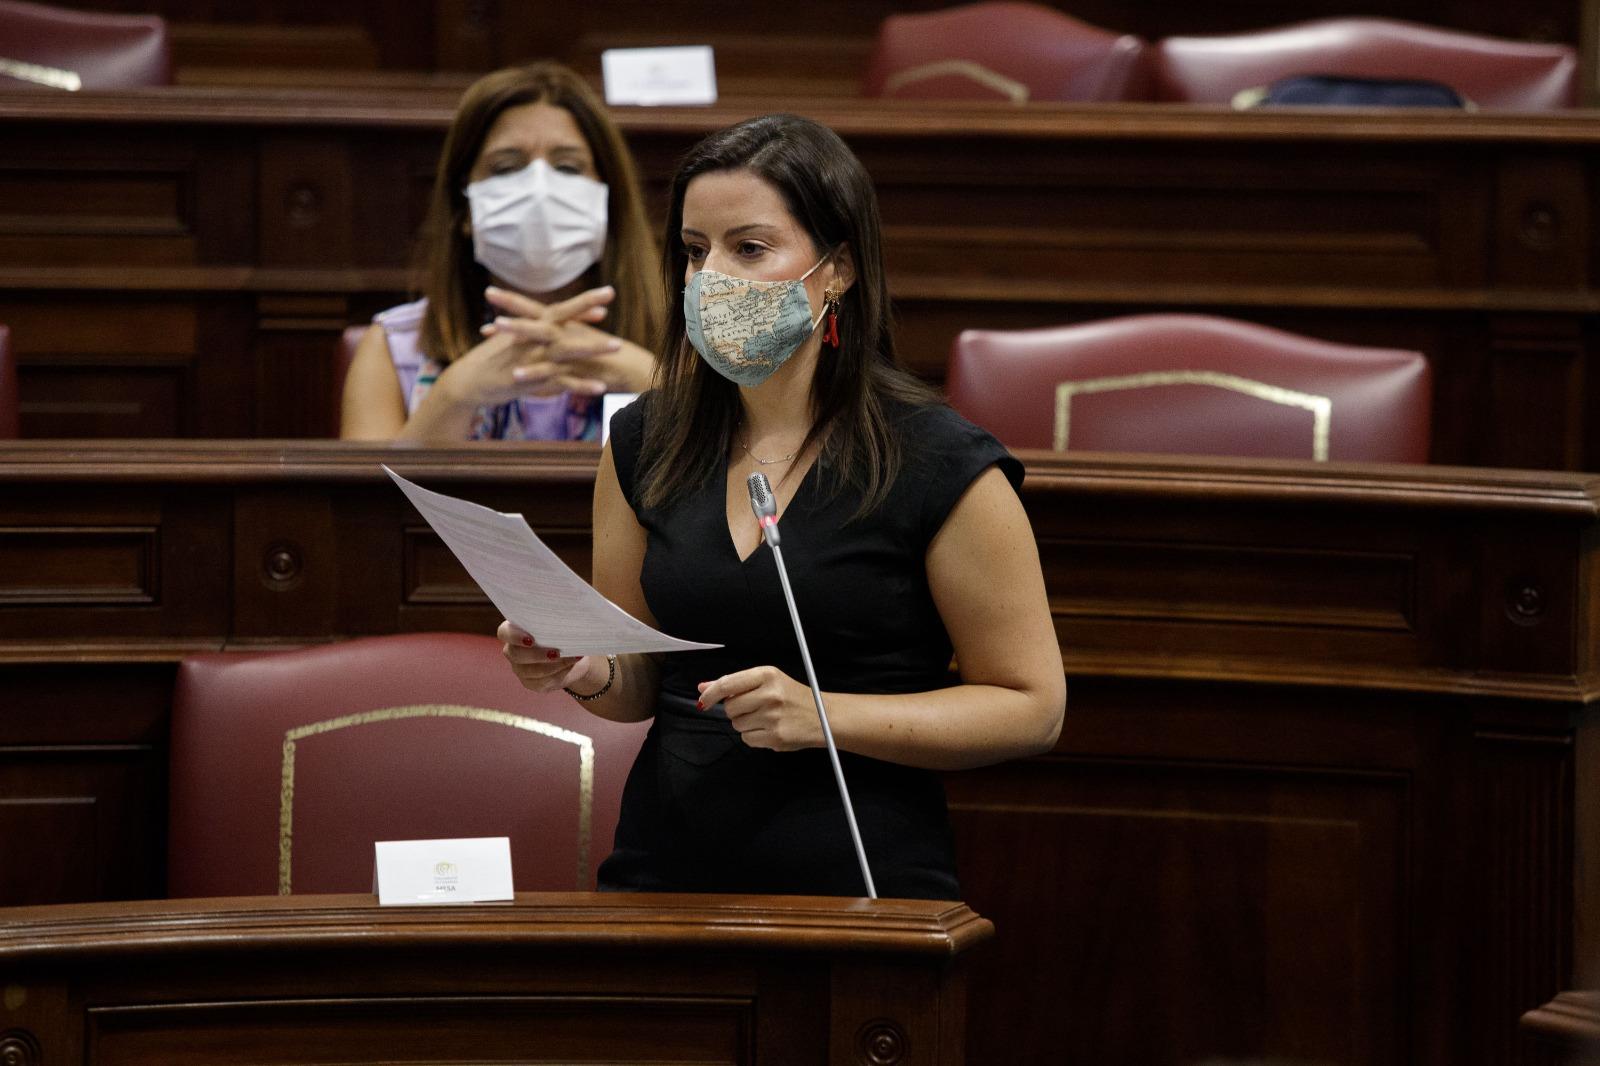 Castilla advierte de que obviar el control de viajeros peninsulares va en contra de la estrategia de destino seguro